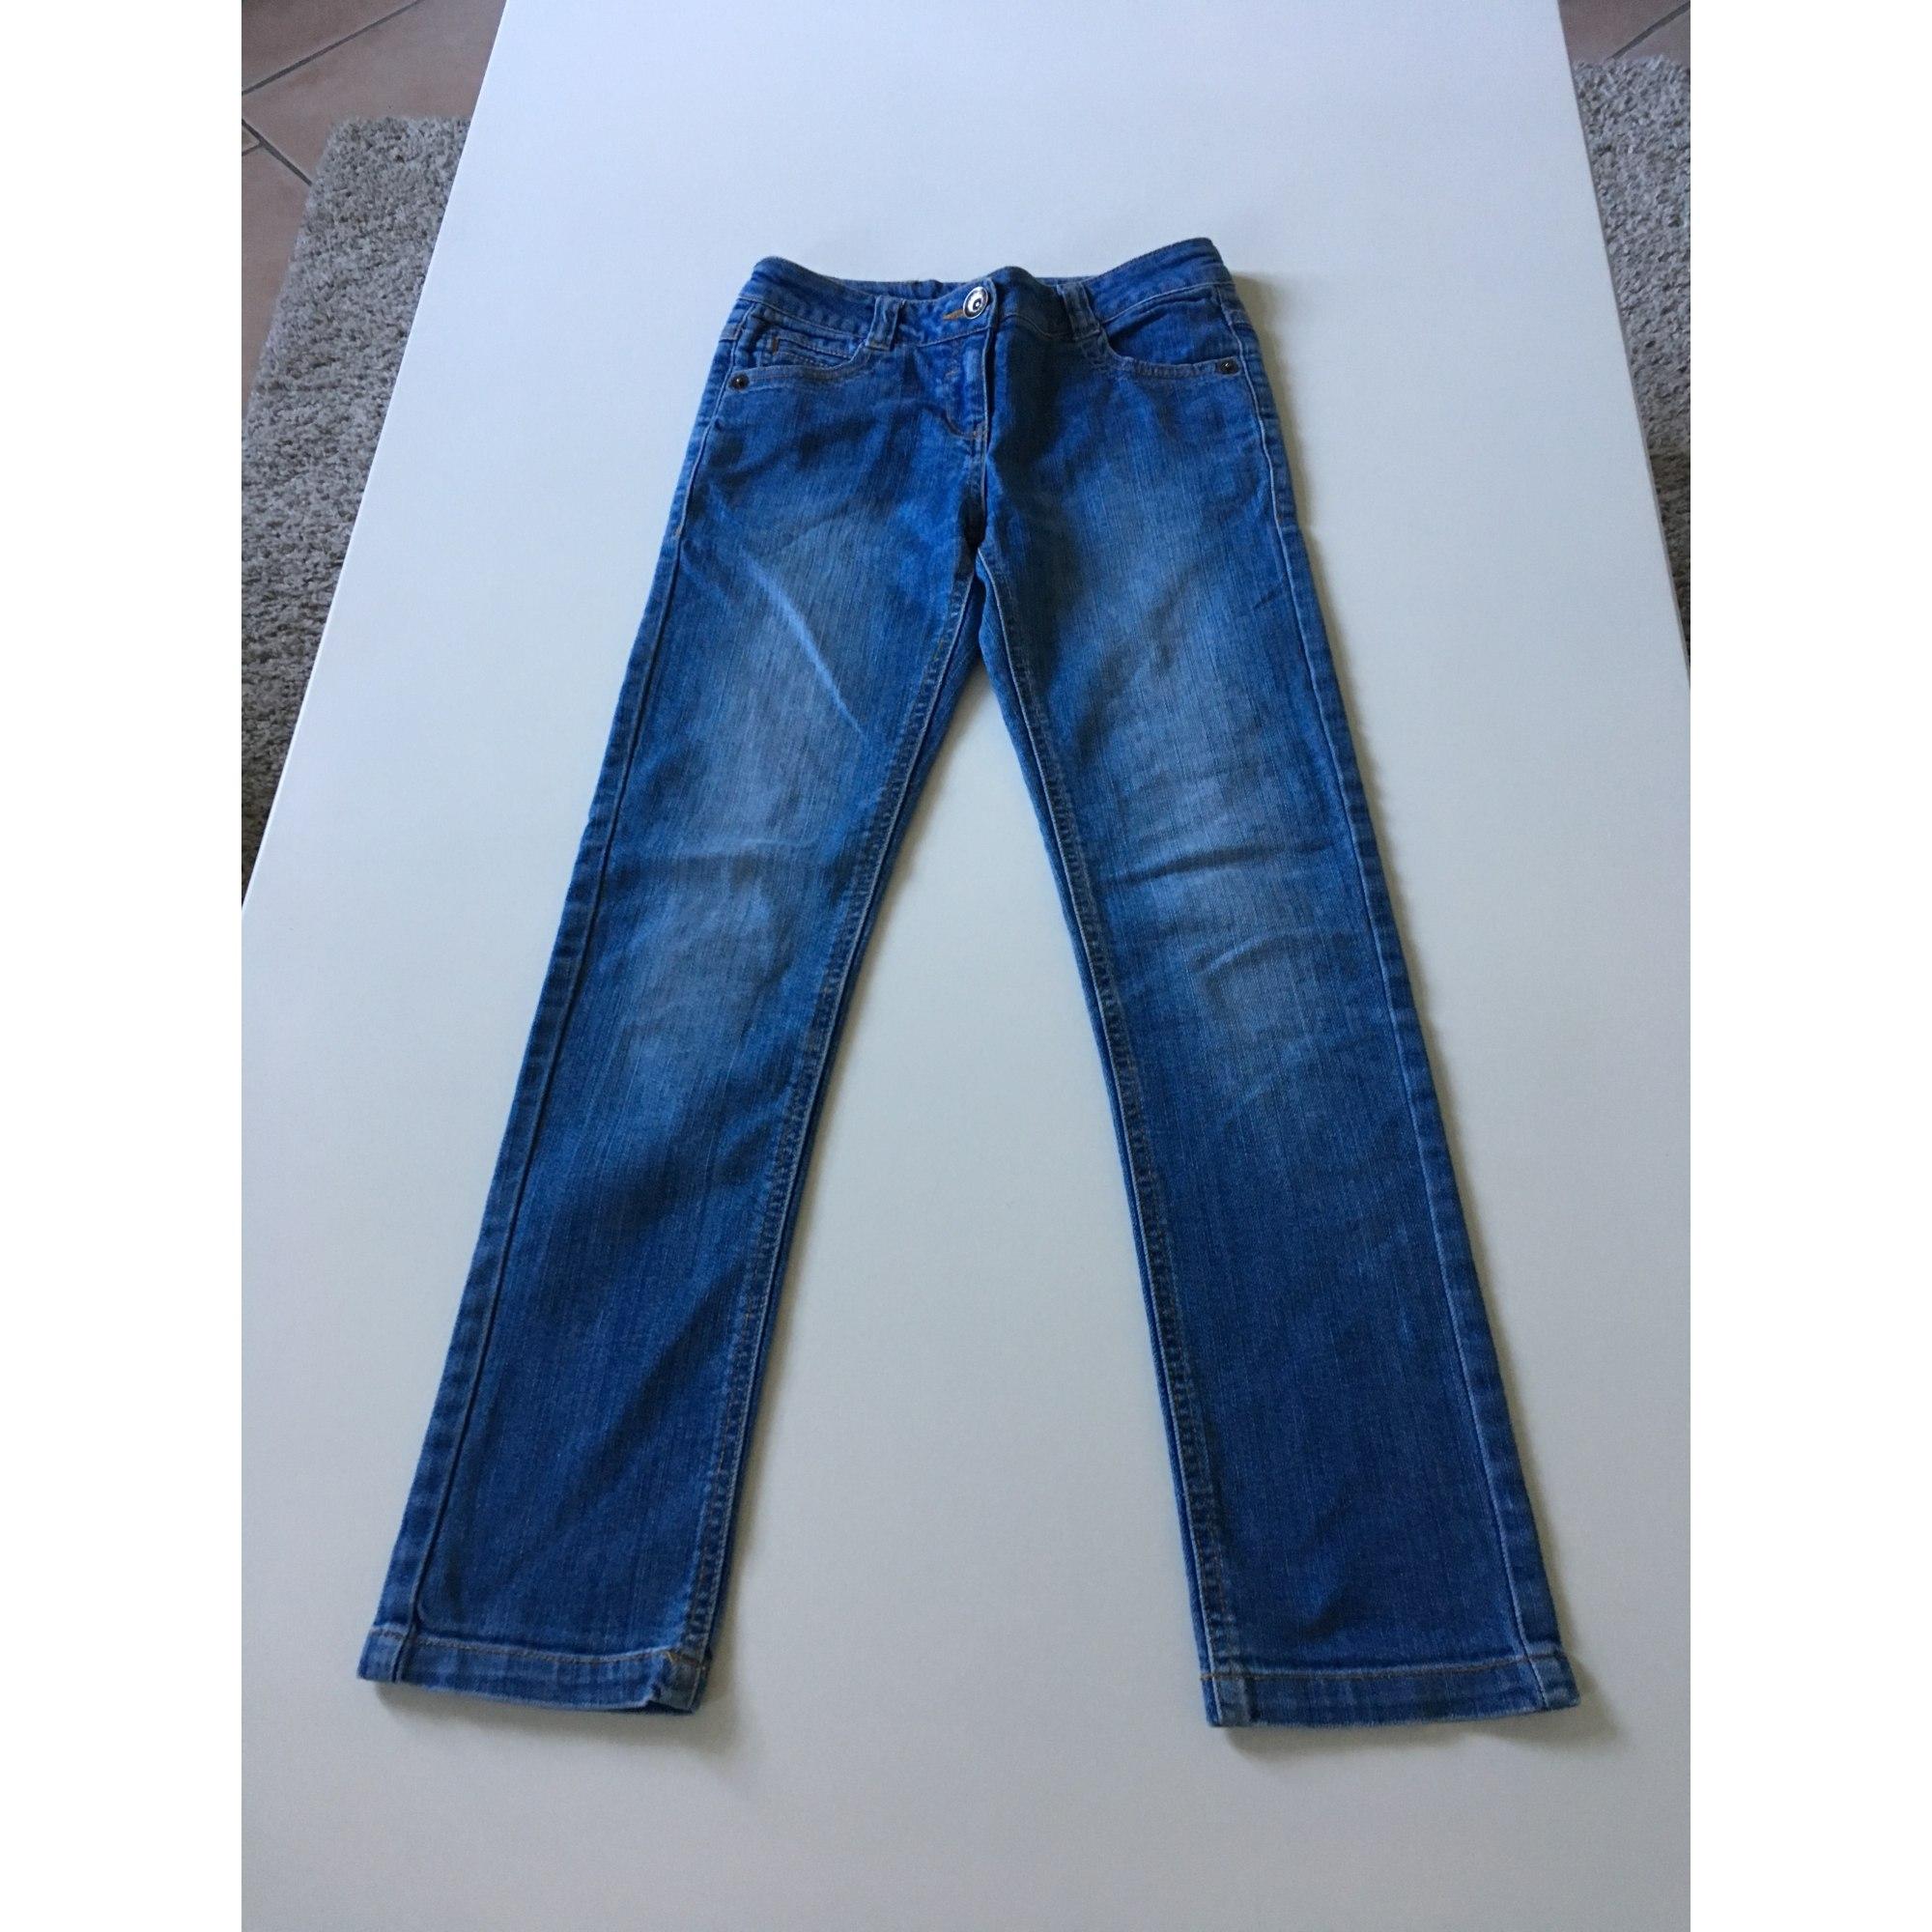 Pantalon BILOOK Bleu, bleu marine, bleu turquoise